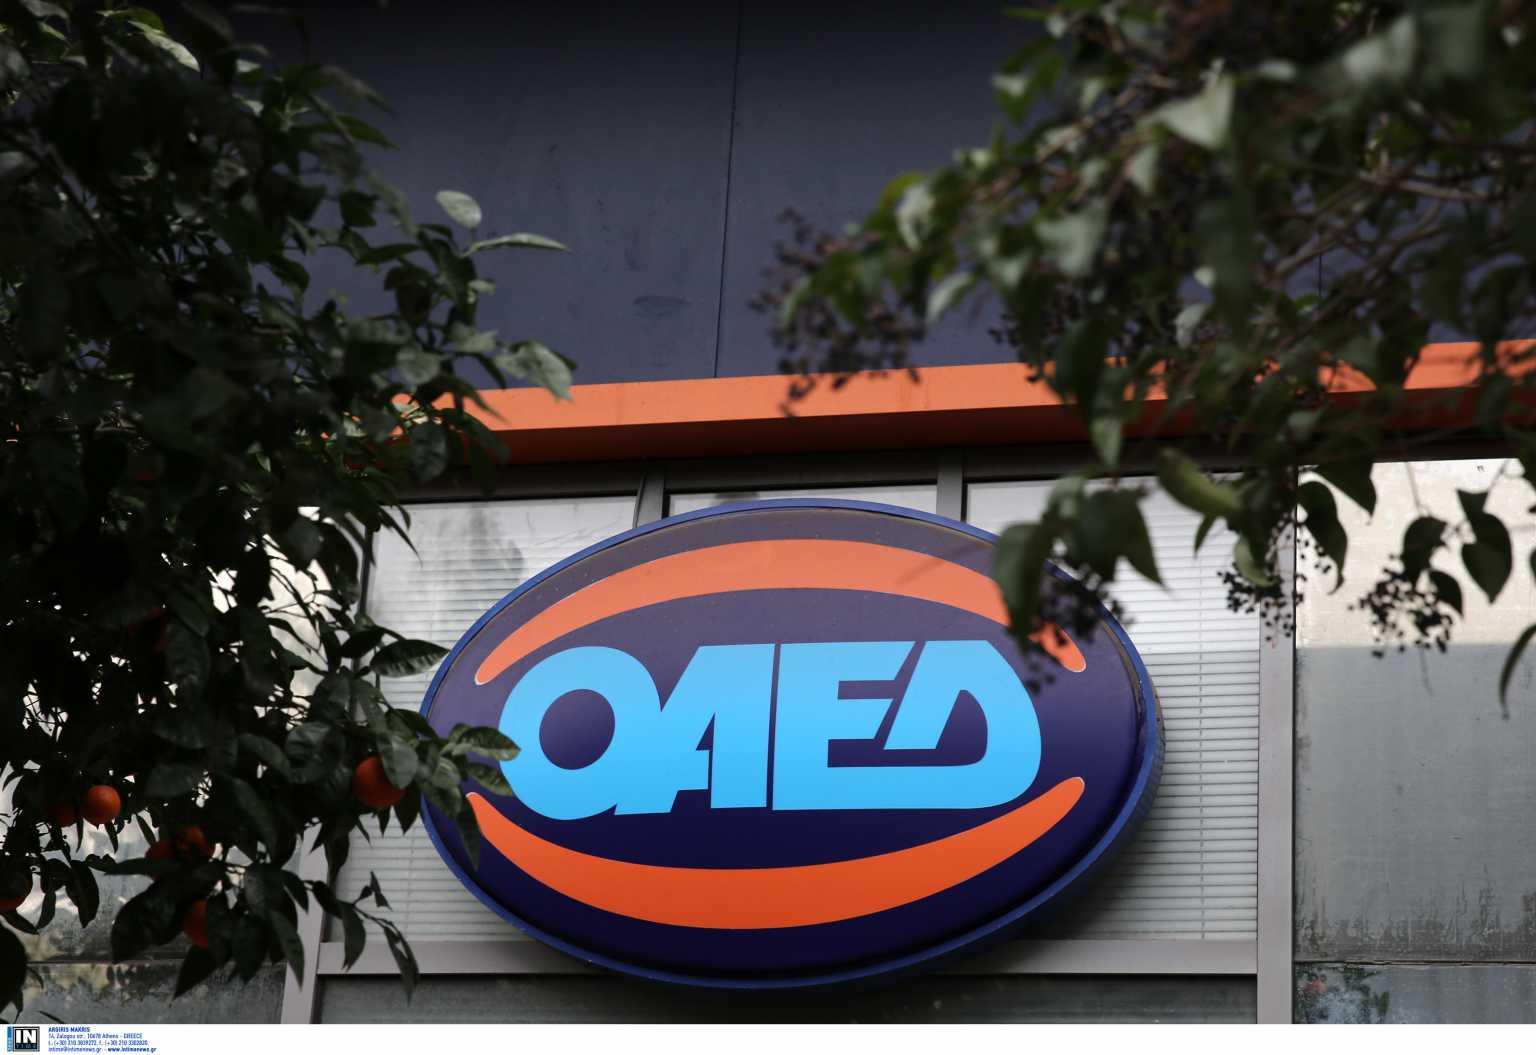 ΟΑΕΔ: Λήγει 31 Μαρτίου η προθεσμία για ρύθμιση οφειλών για δικαιούχους του πρώην ΟΕΚ